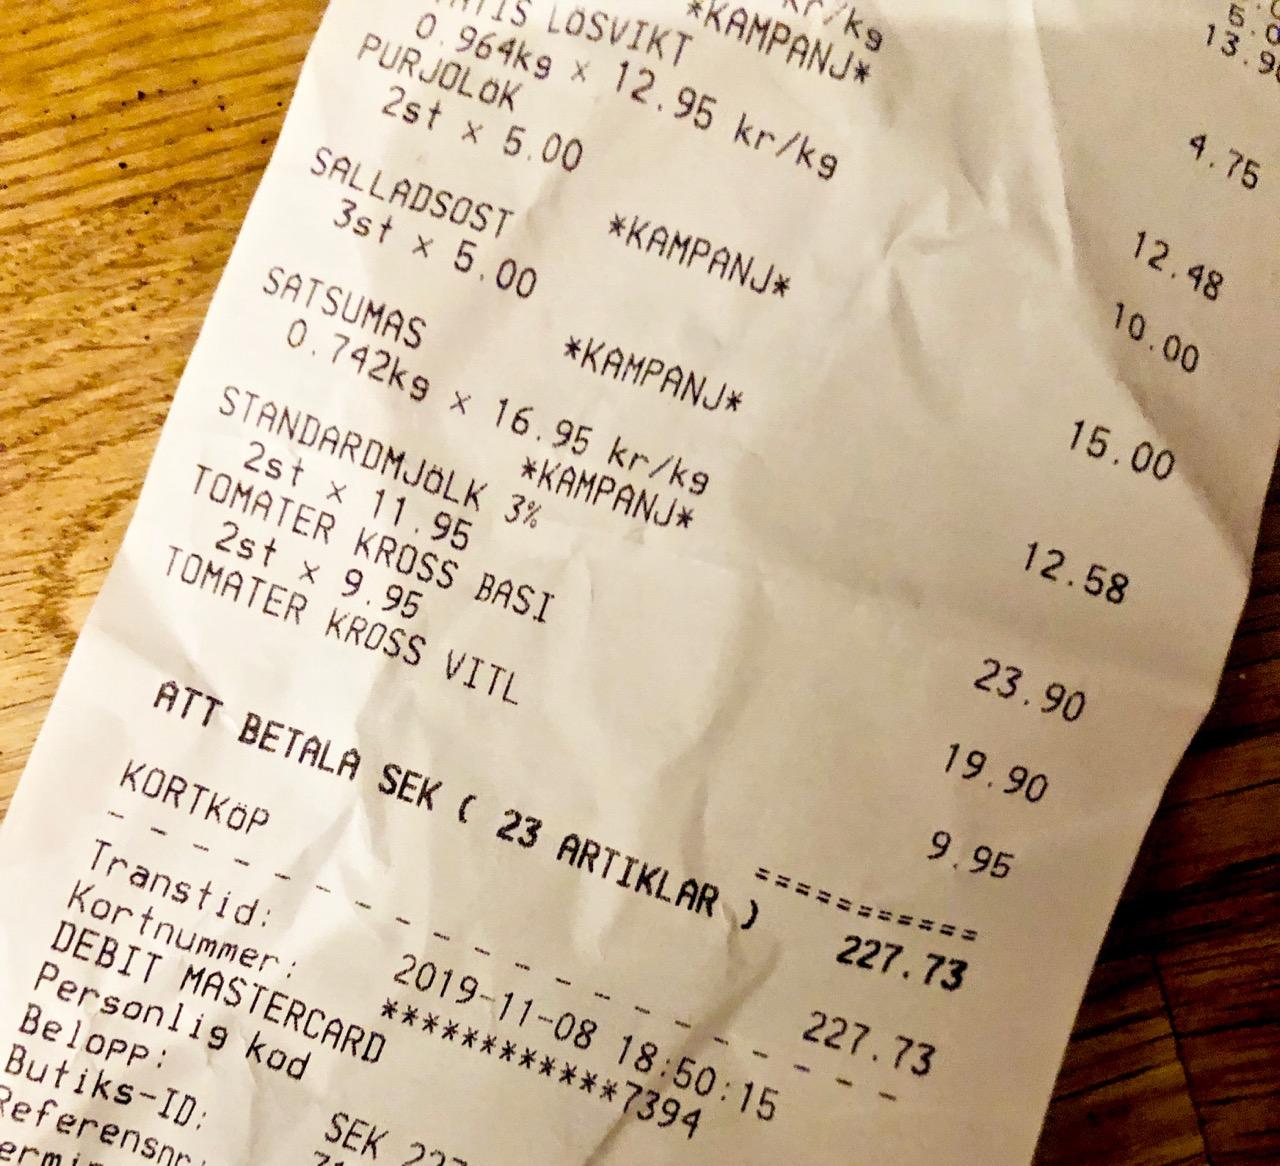 Halpaa Ruokaa Ostolakossa Virve Fredman Minimalismi